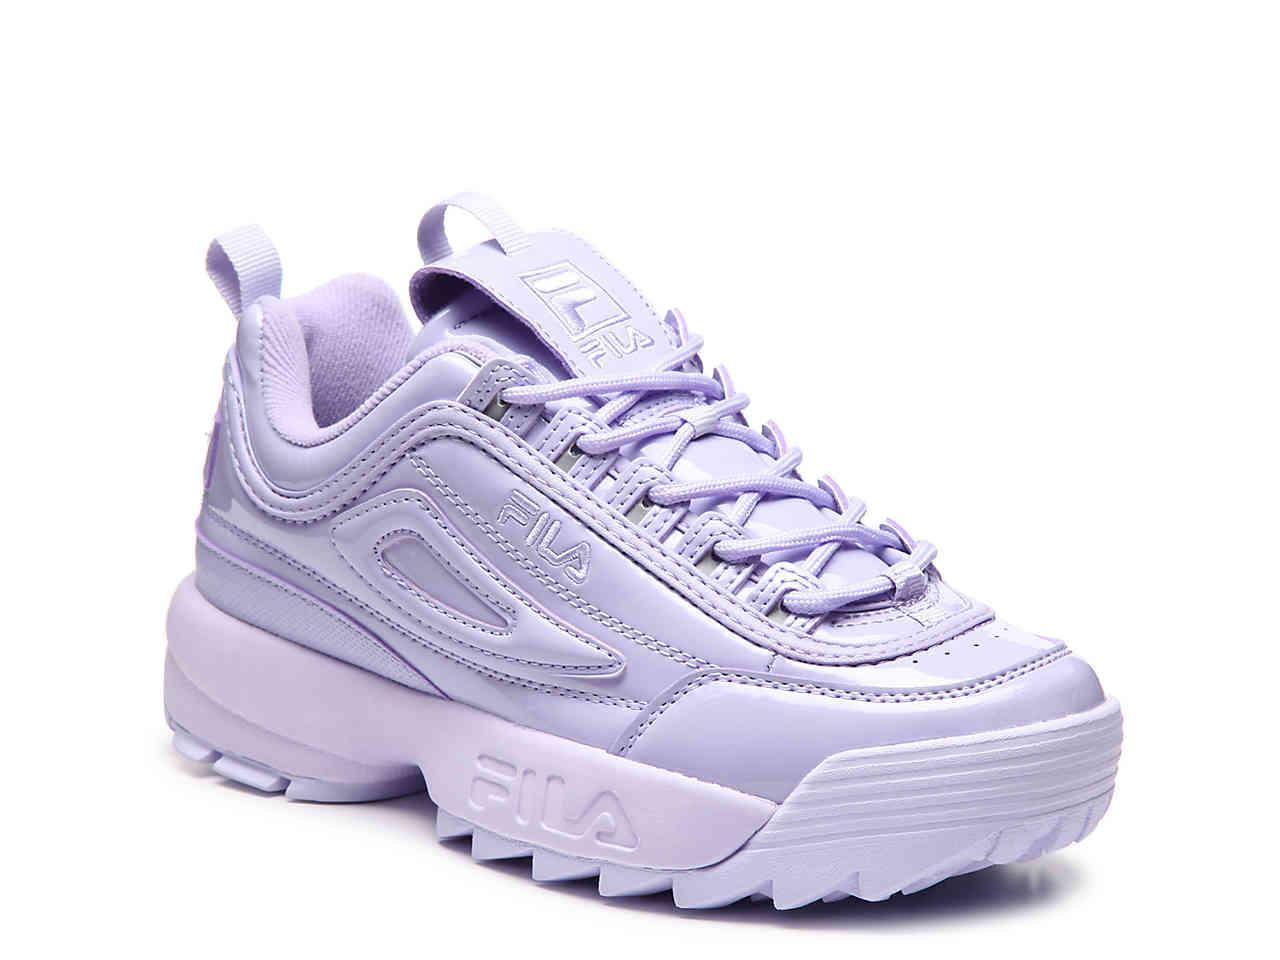 fila purple sneakers promo code for